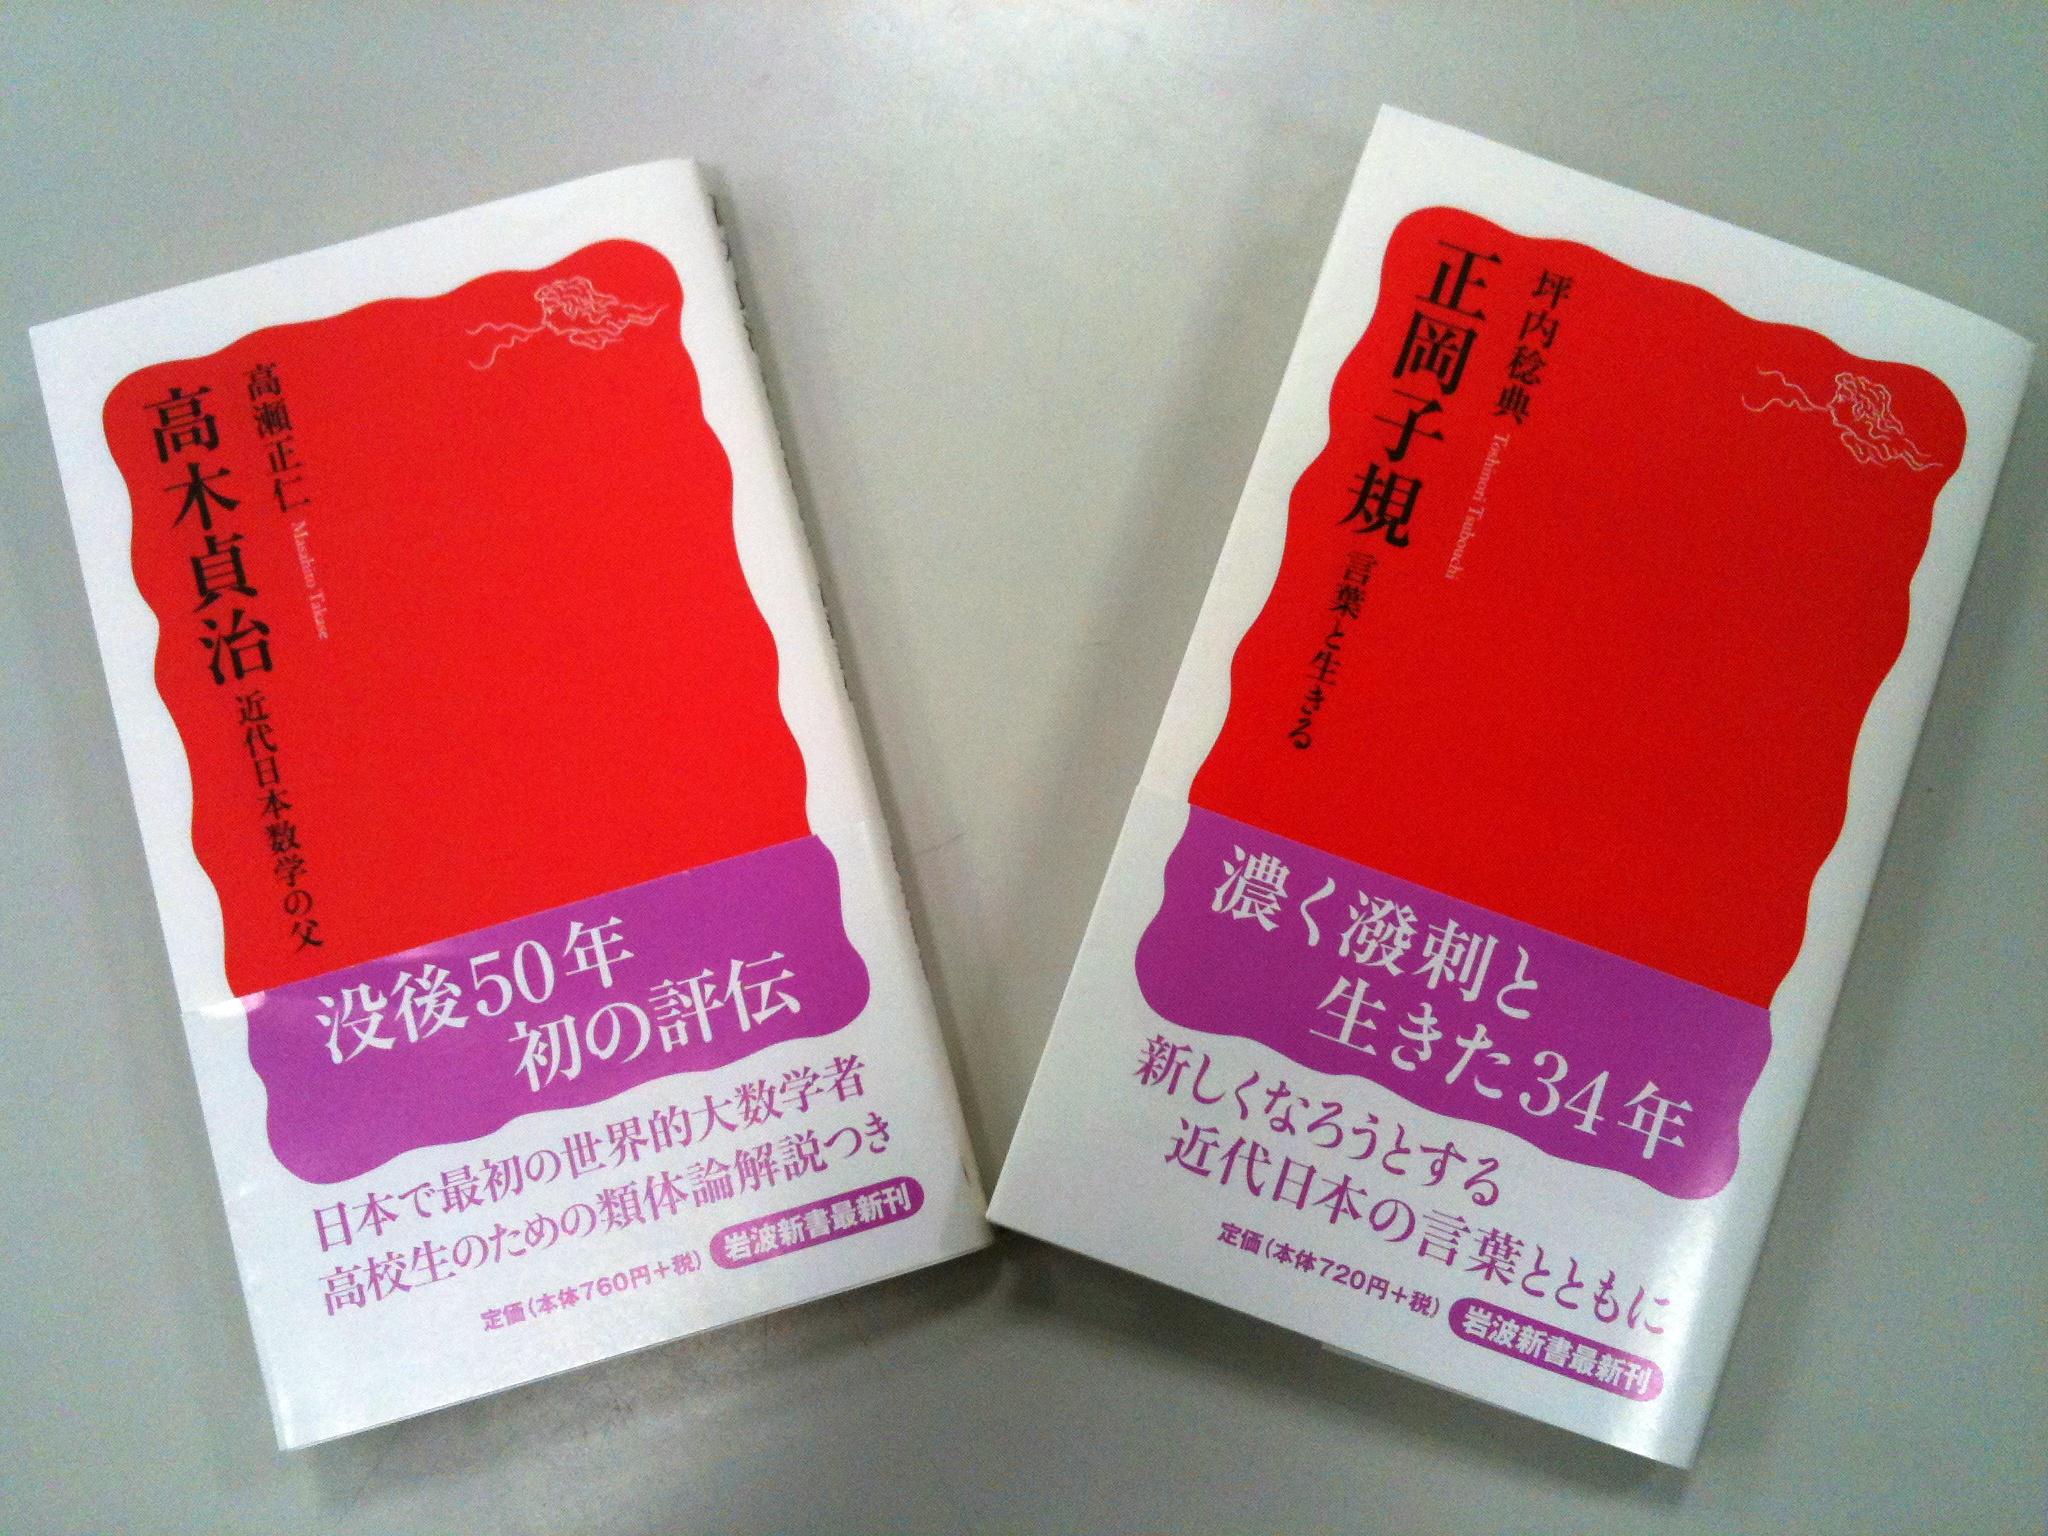 岩波新書 - JapaneseClass.jp